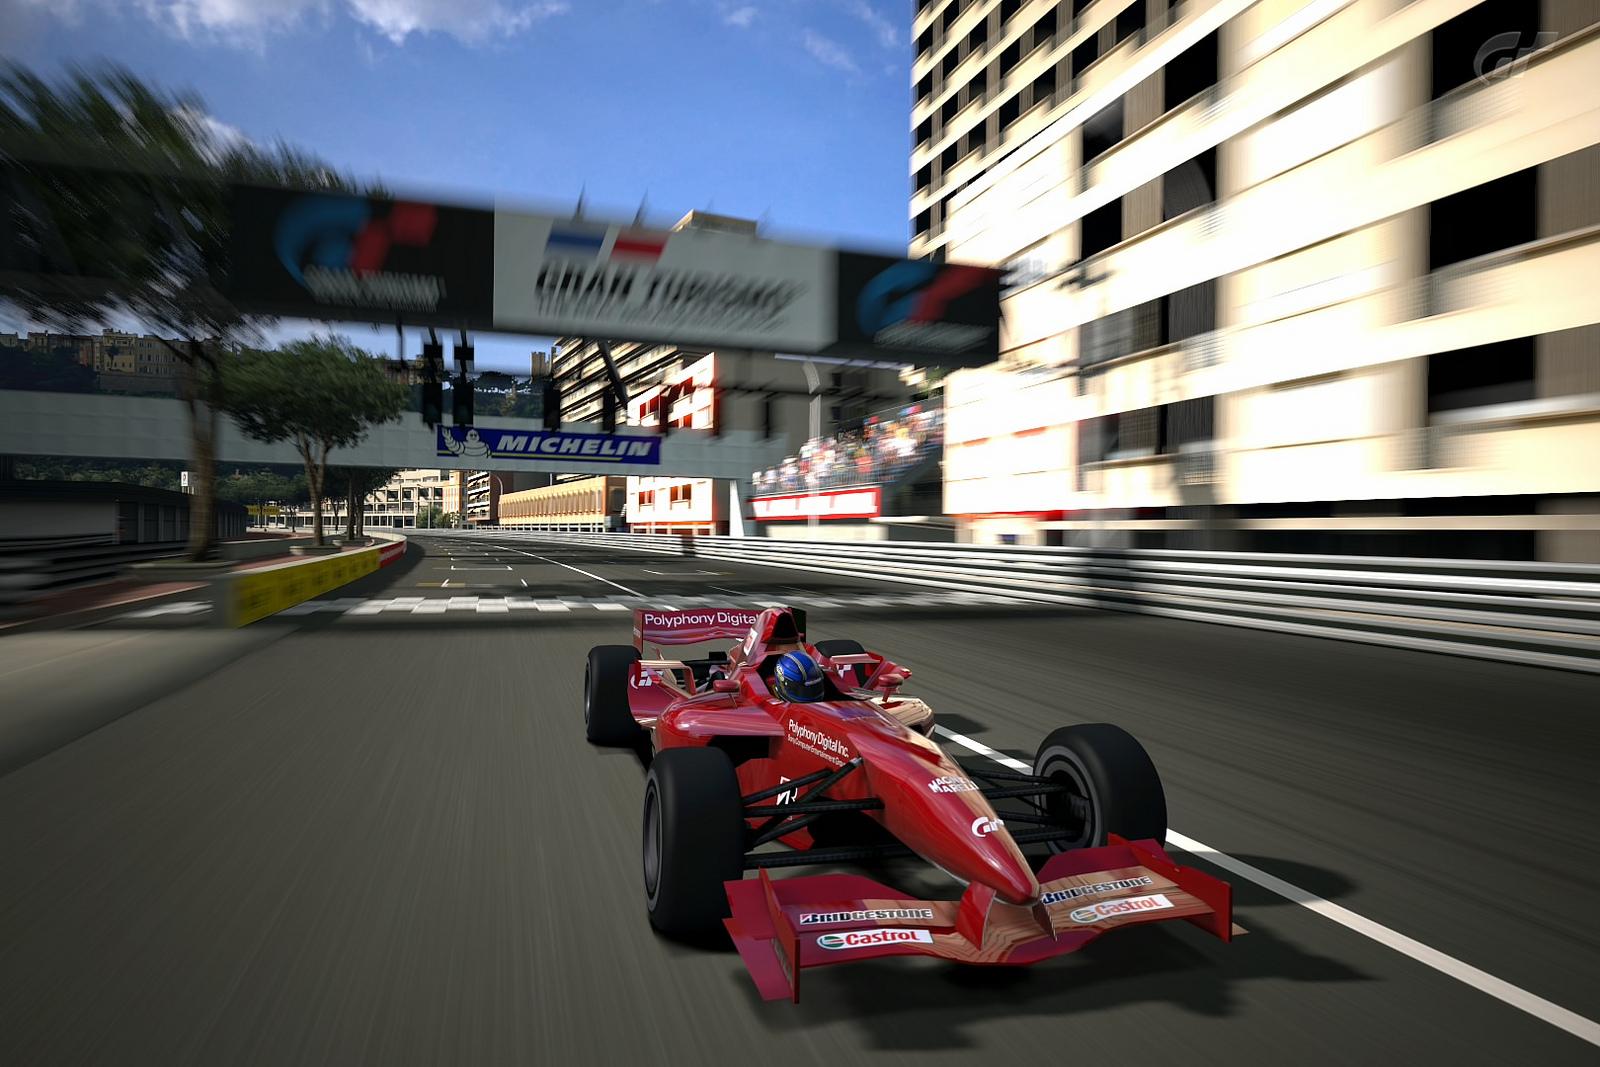 F2007 Monaco Gran Turismo